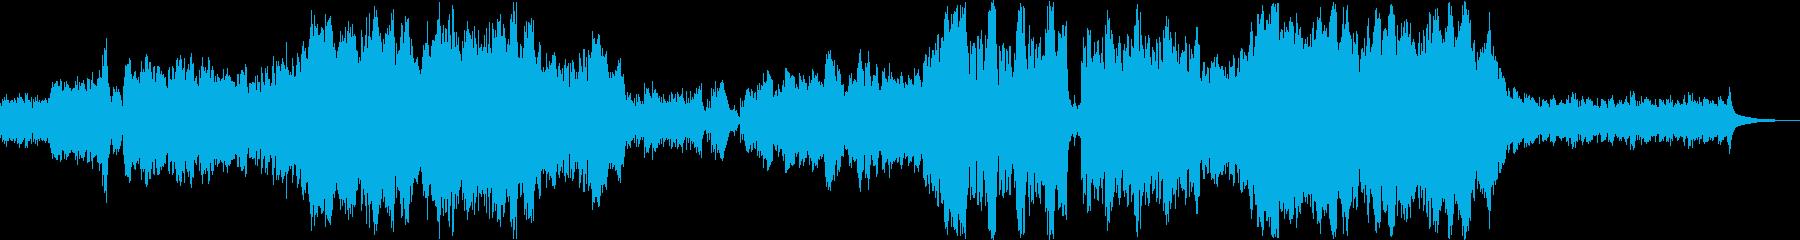 【旧版】オーケストラの感動的なバラードの再生済みの波形